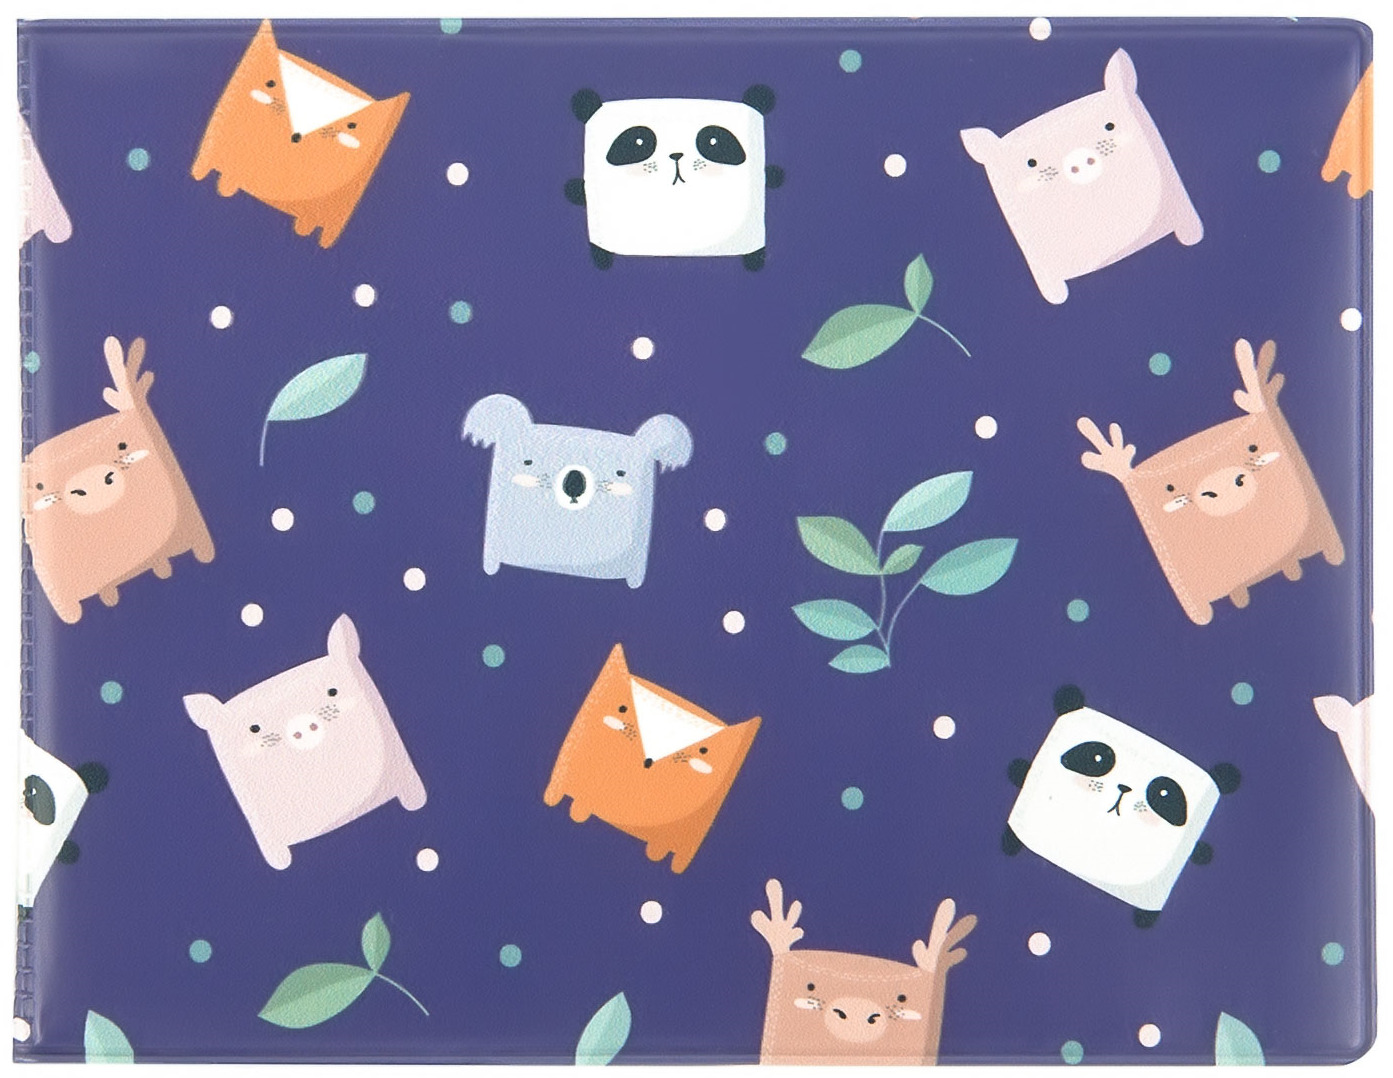 Обложка на студенческий билет Kawaii Factory Зверики, цвет: синий, оранжевый, серый. KW067-000139 обложка на студенческий билет kawaii factory мастер спорта по неадекватности цвет белый оранжевый kw067 000133